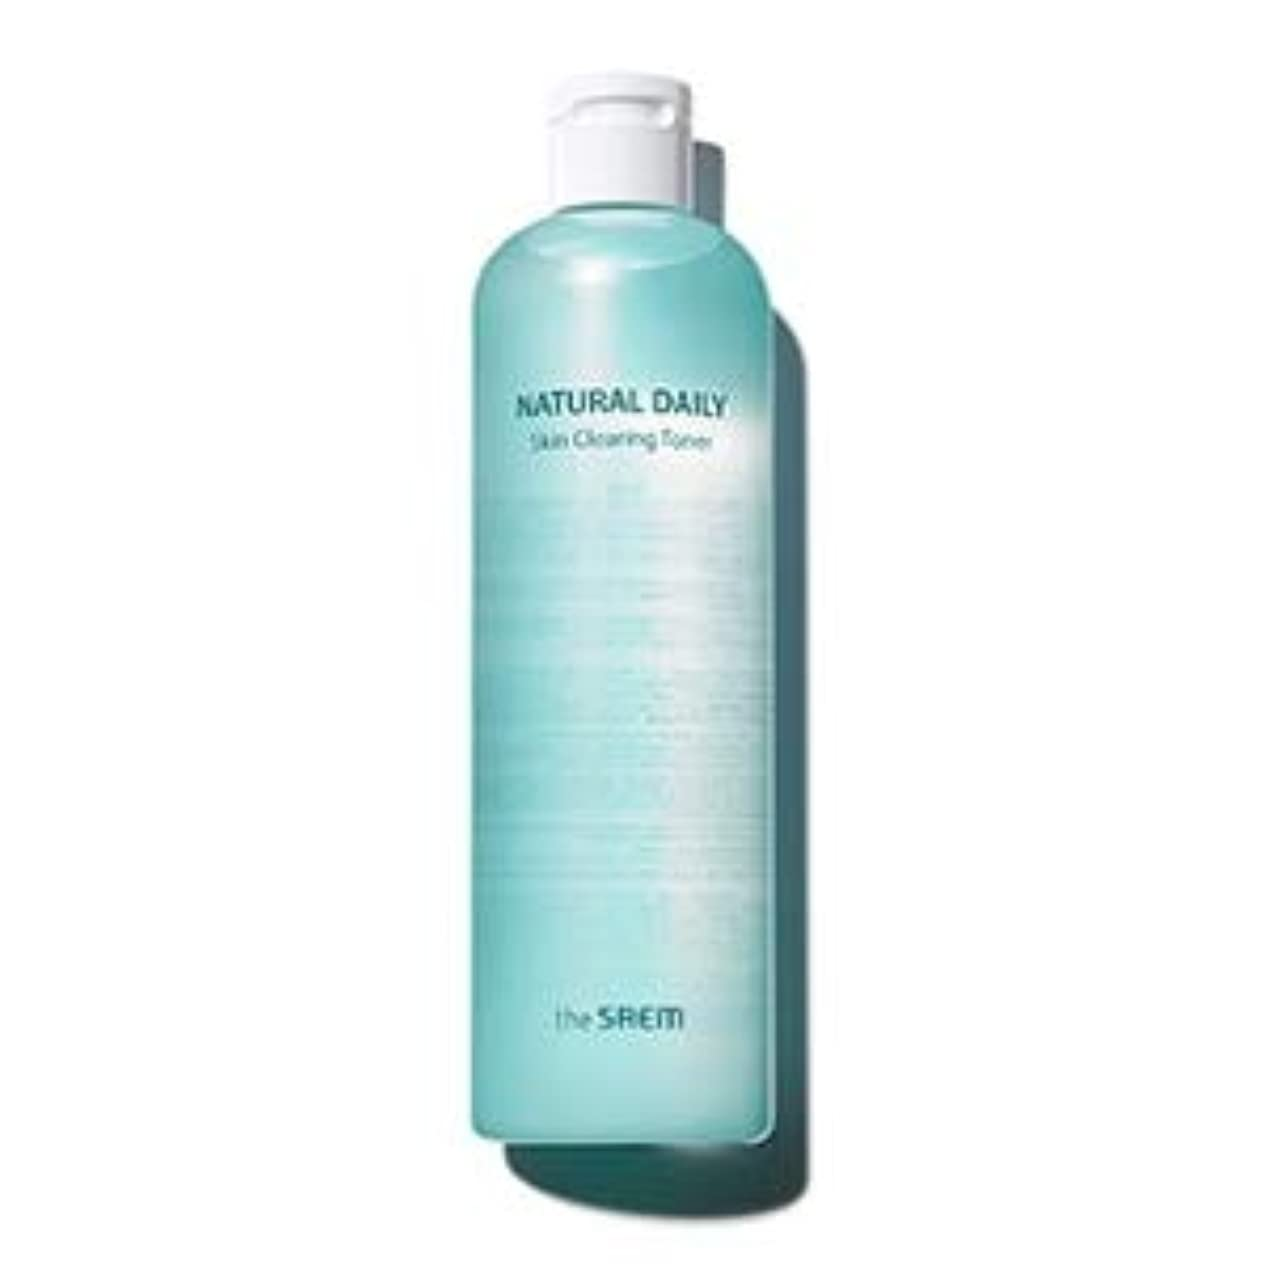 繊毛領事館一方、ザセム ナチュラルデイリースキンクリアリングトナー500ml / The Saem Natural Daily Skin Clearing Toner 500ml [並行輸入品]